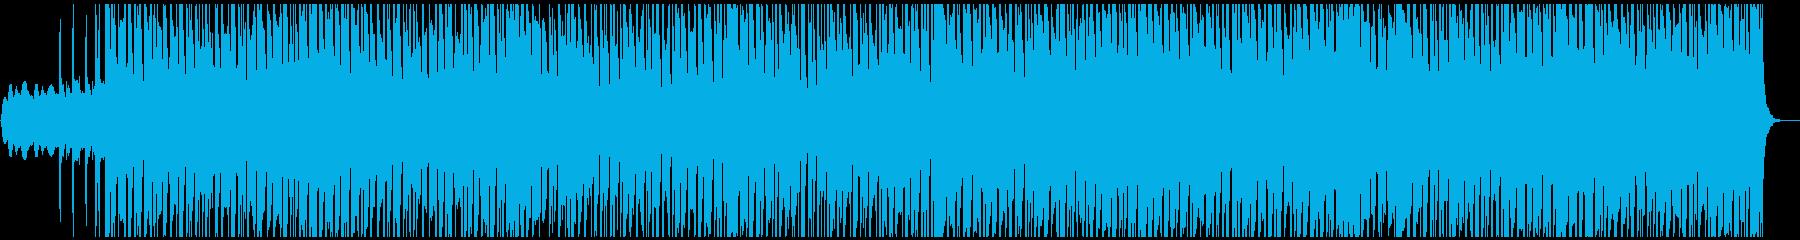 洋楽・Lo-Fi・インディー:おしゃれの再生済みの波形